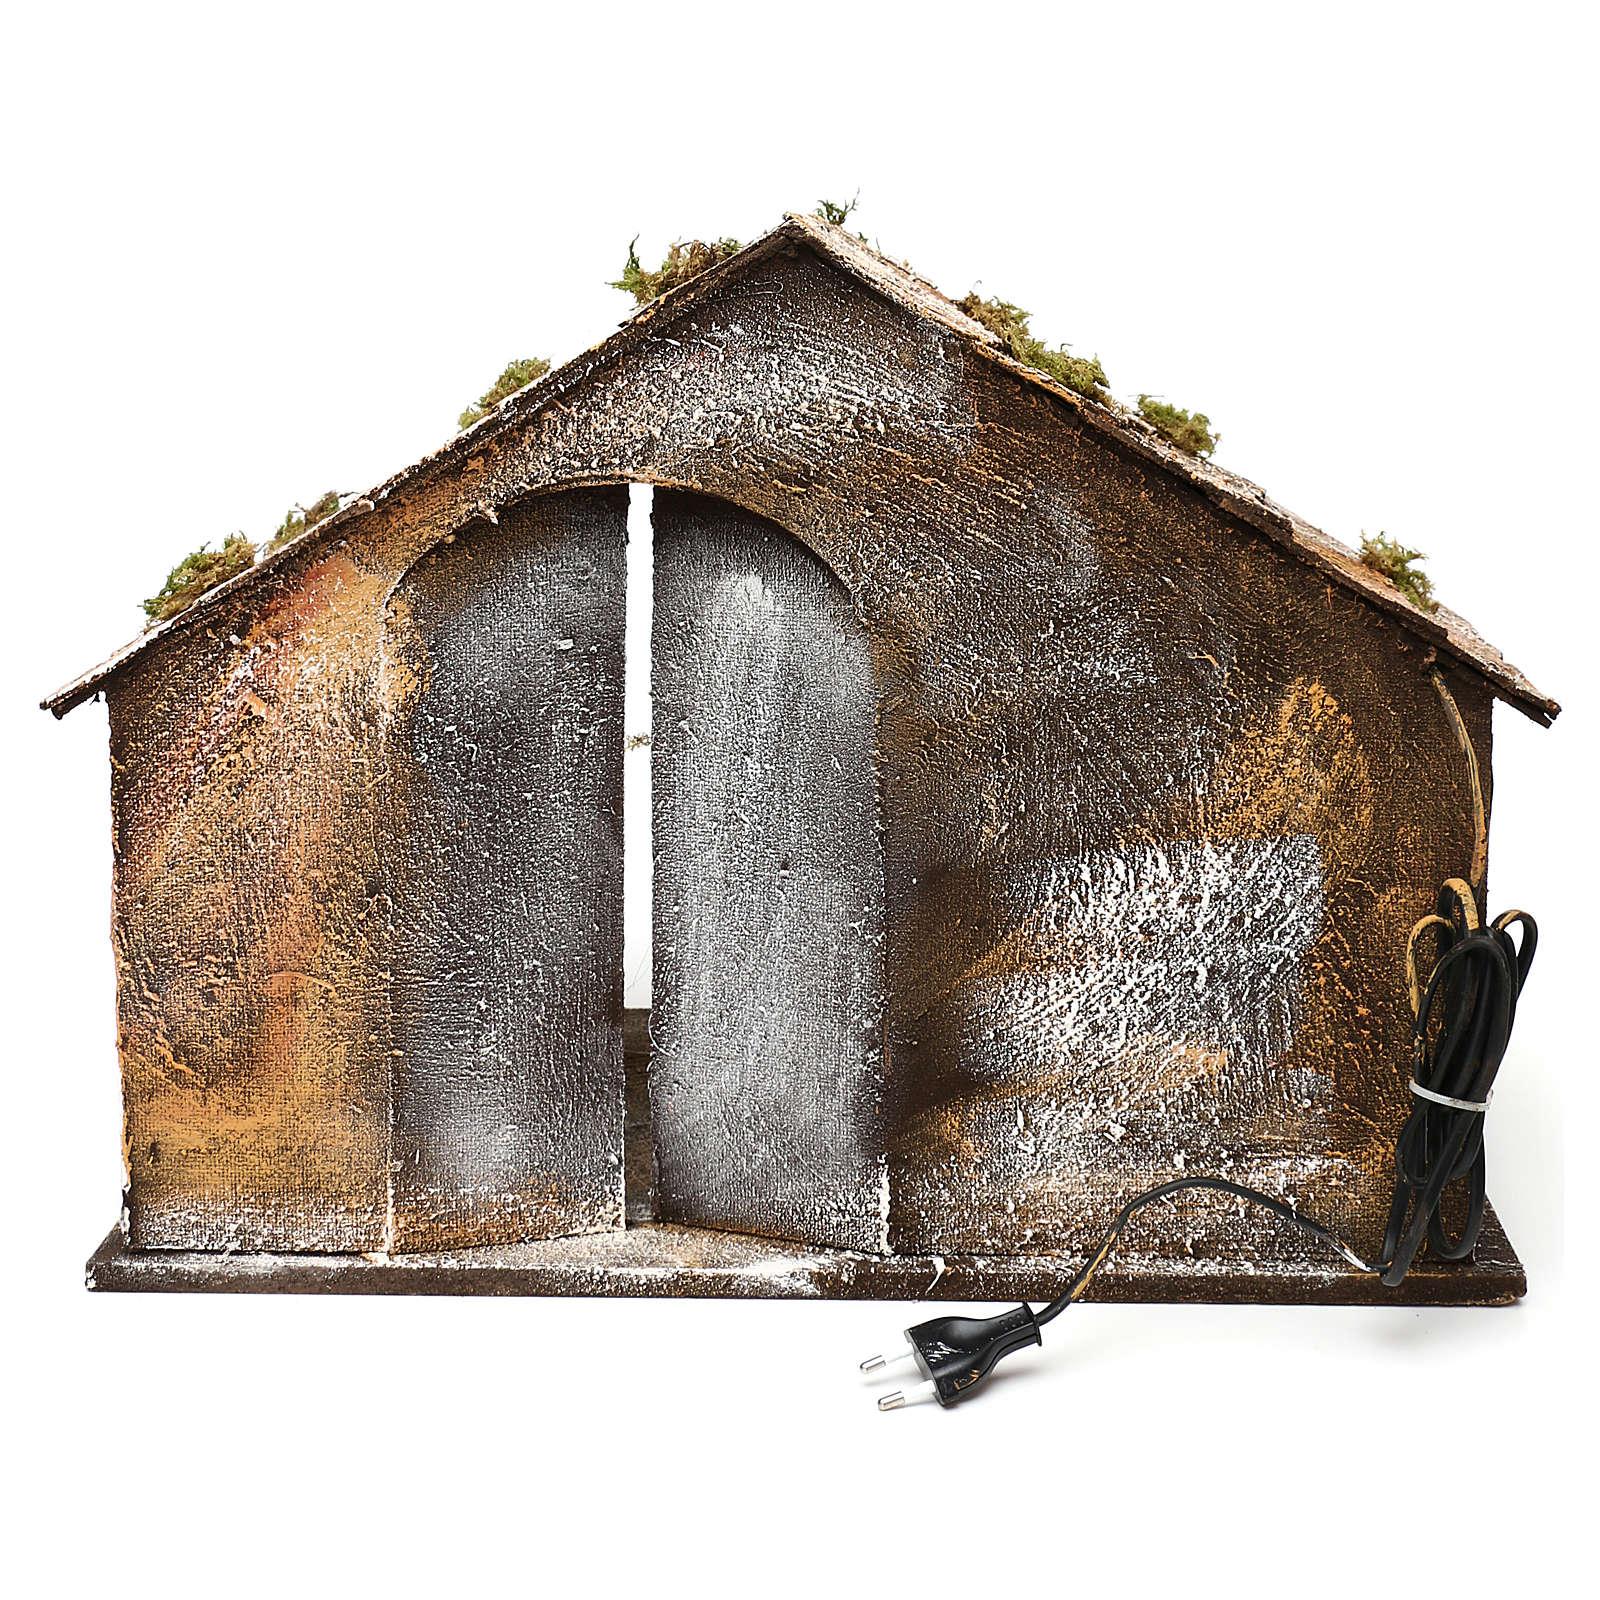 Cabane bois paille crèche napolitaine 36x51x29 cm 4